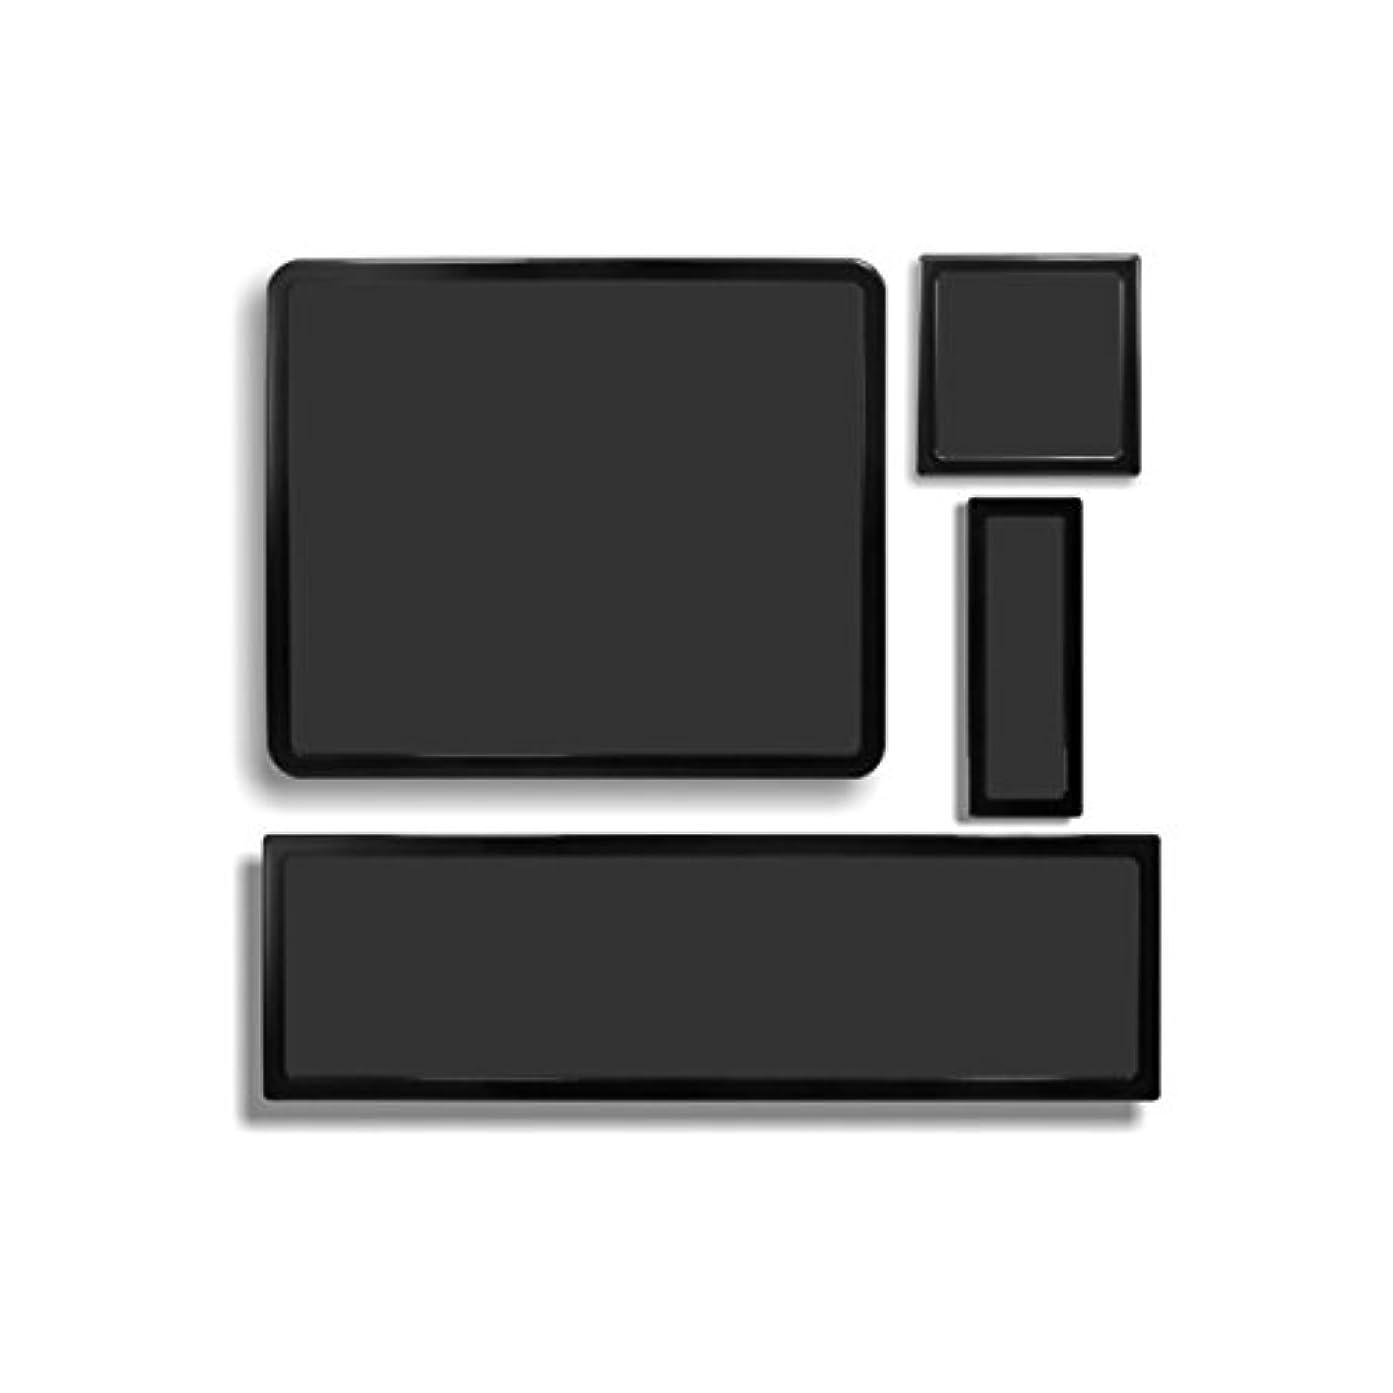 ラインナップジョイント反射DEMCiflexダストフィルタキットfor CaseLabs Merlin sm8 ( 4フィルタ、ブラックフレーム、ブラックメッシュ